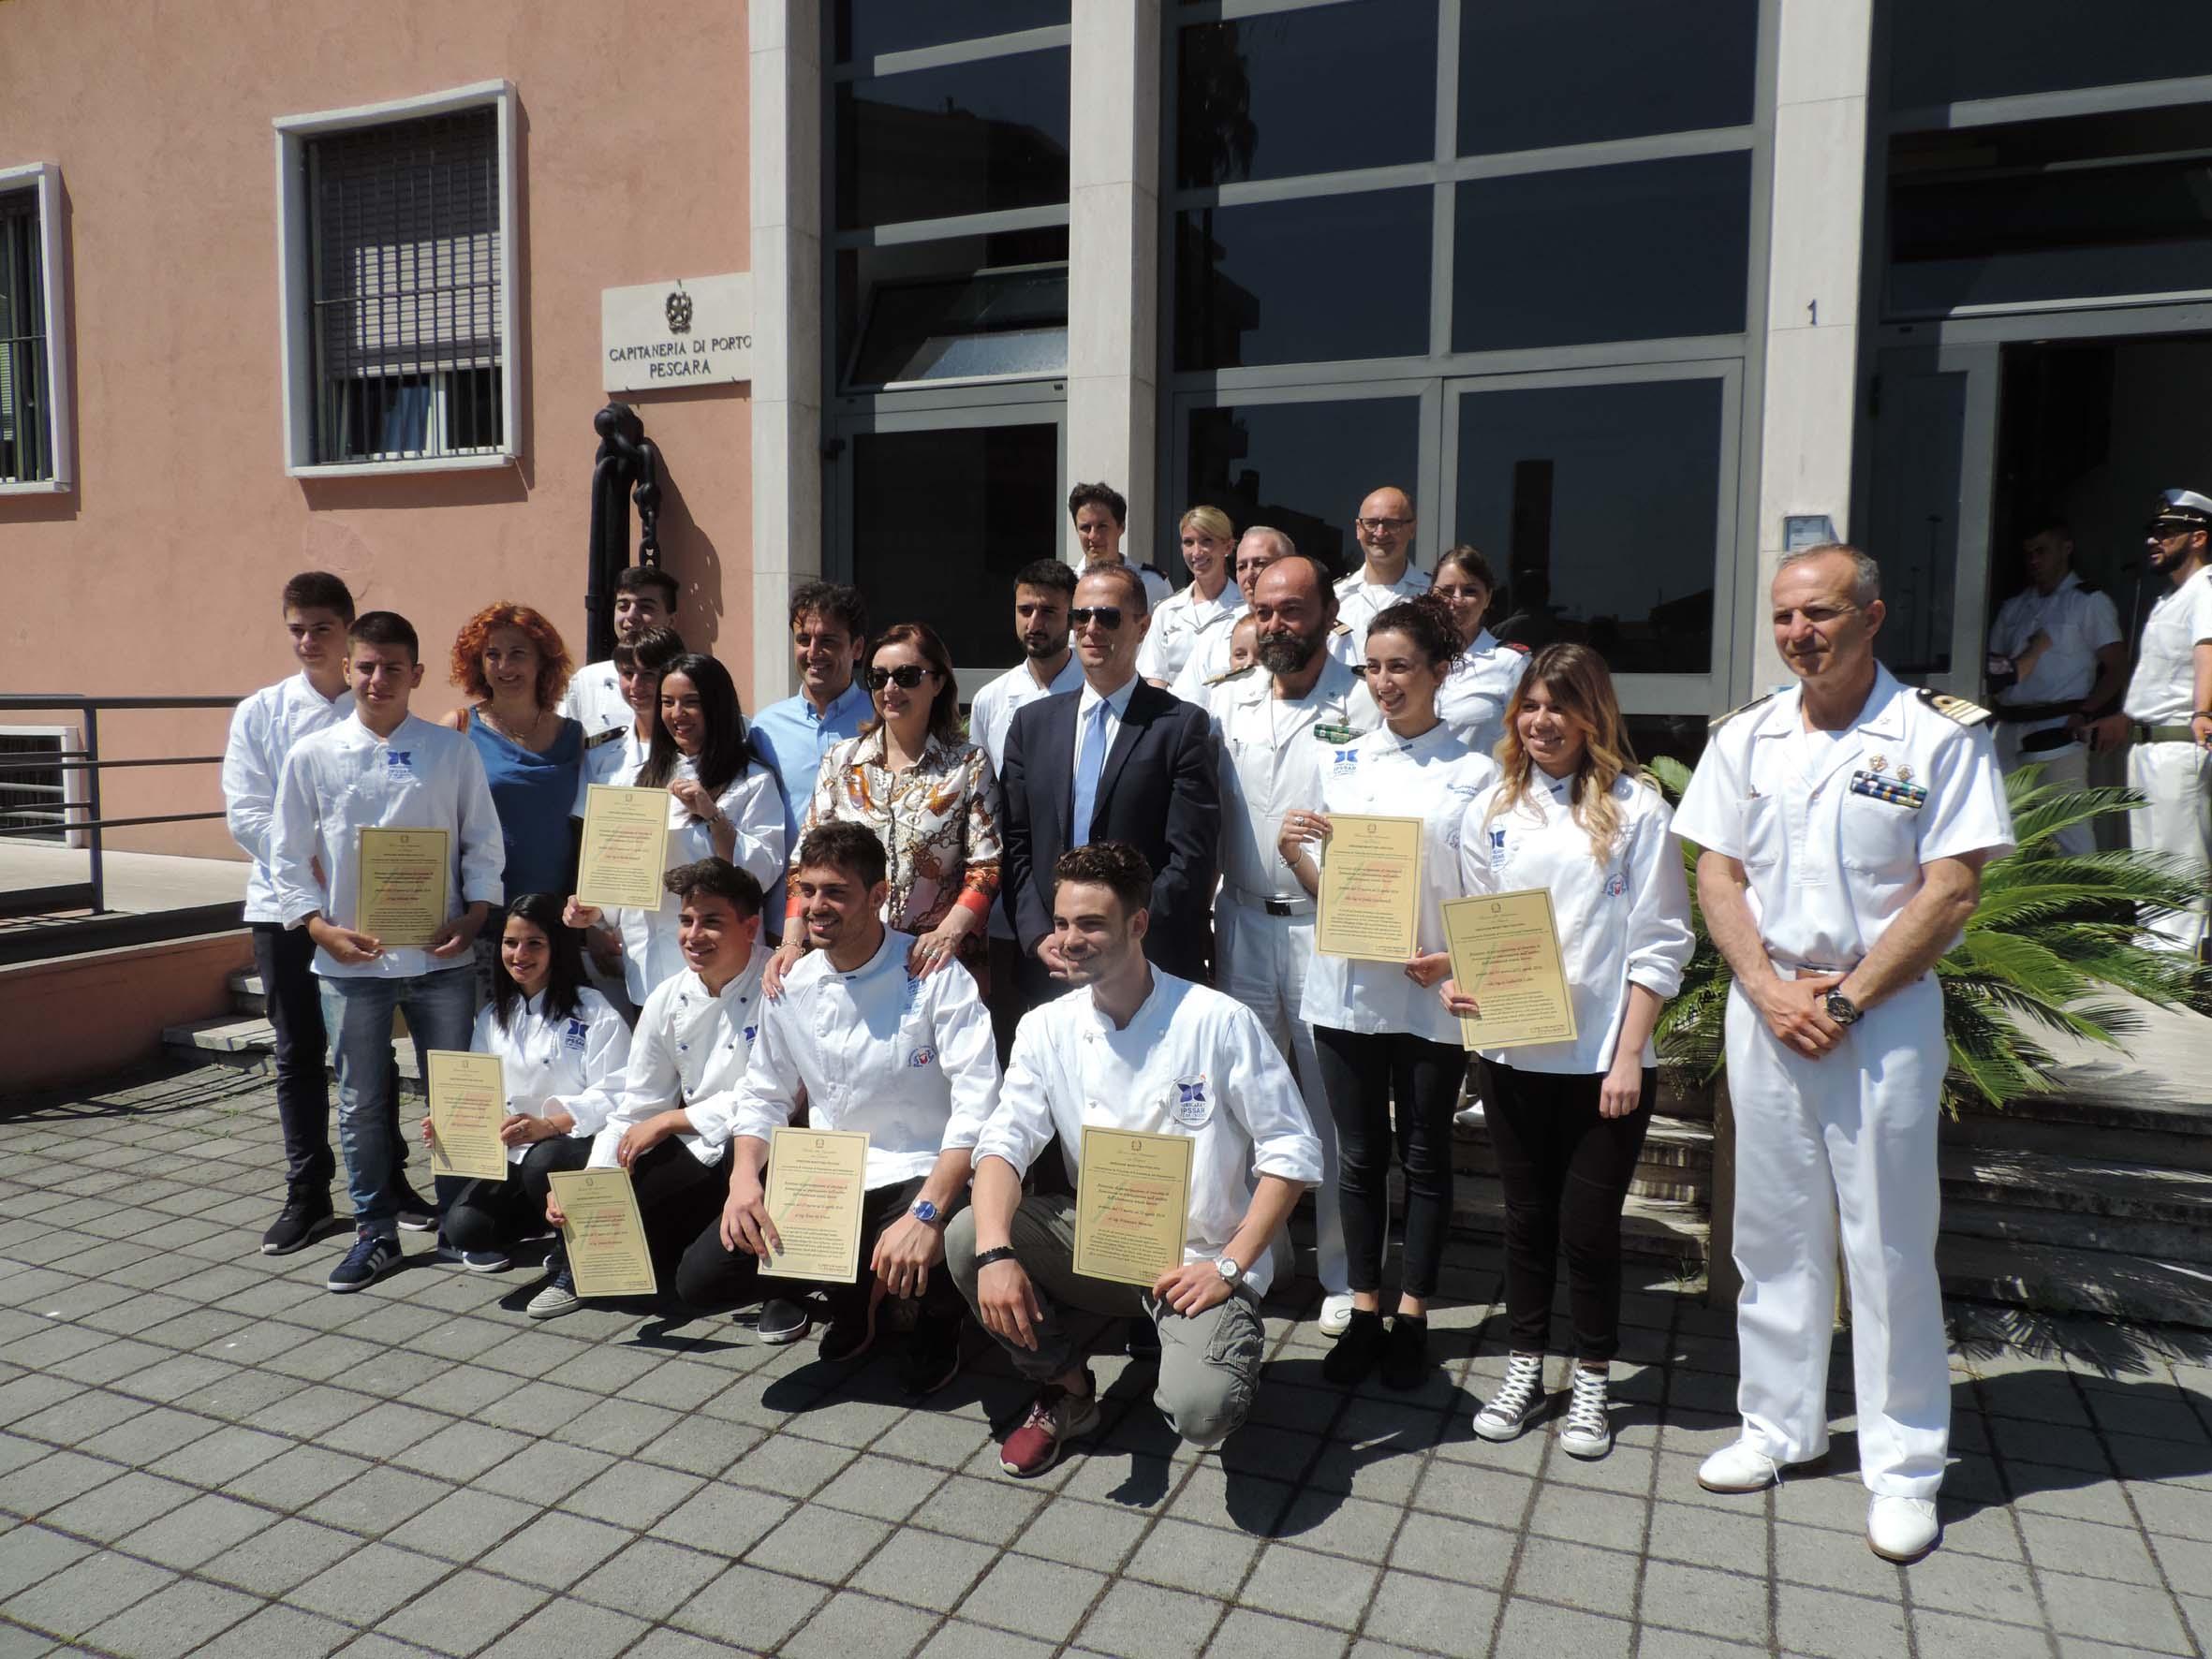 Foto di gruppo studenti Alberghiero2